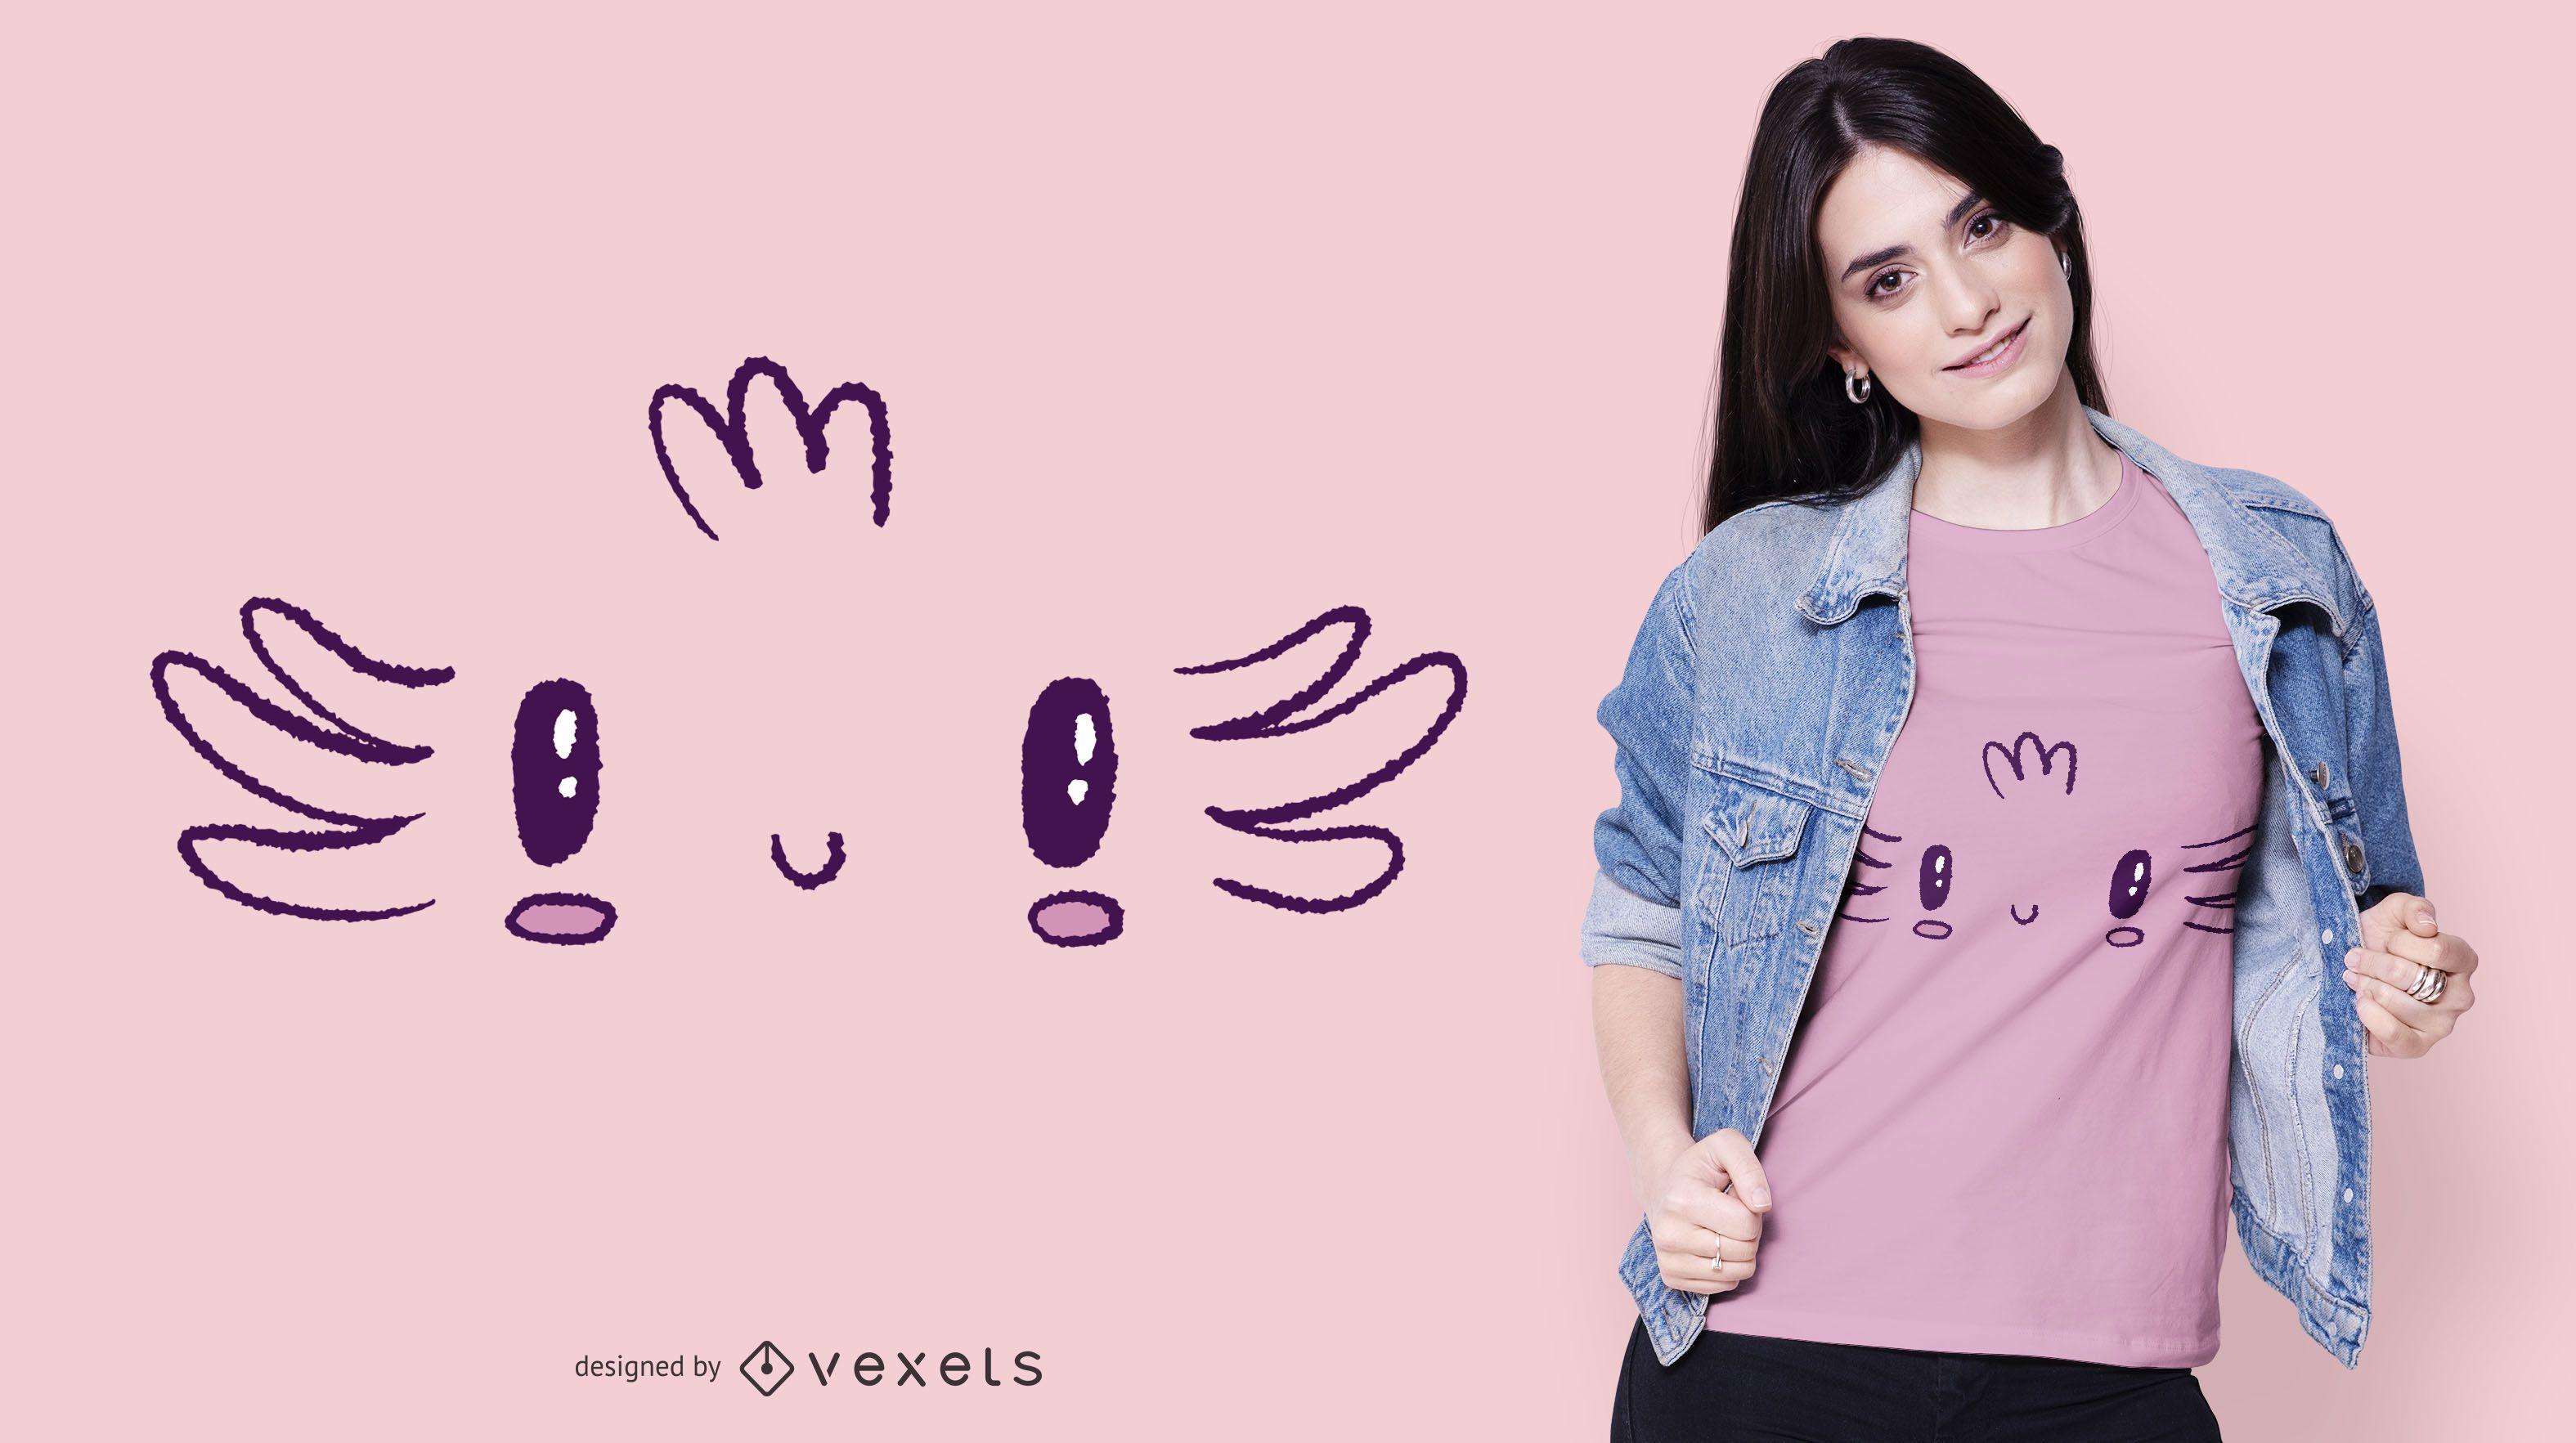 Axolotl Face T-shirt Design